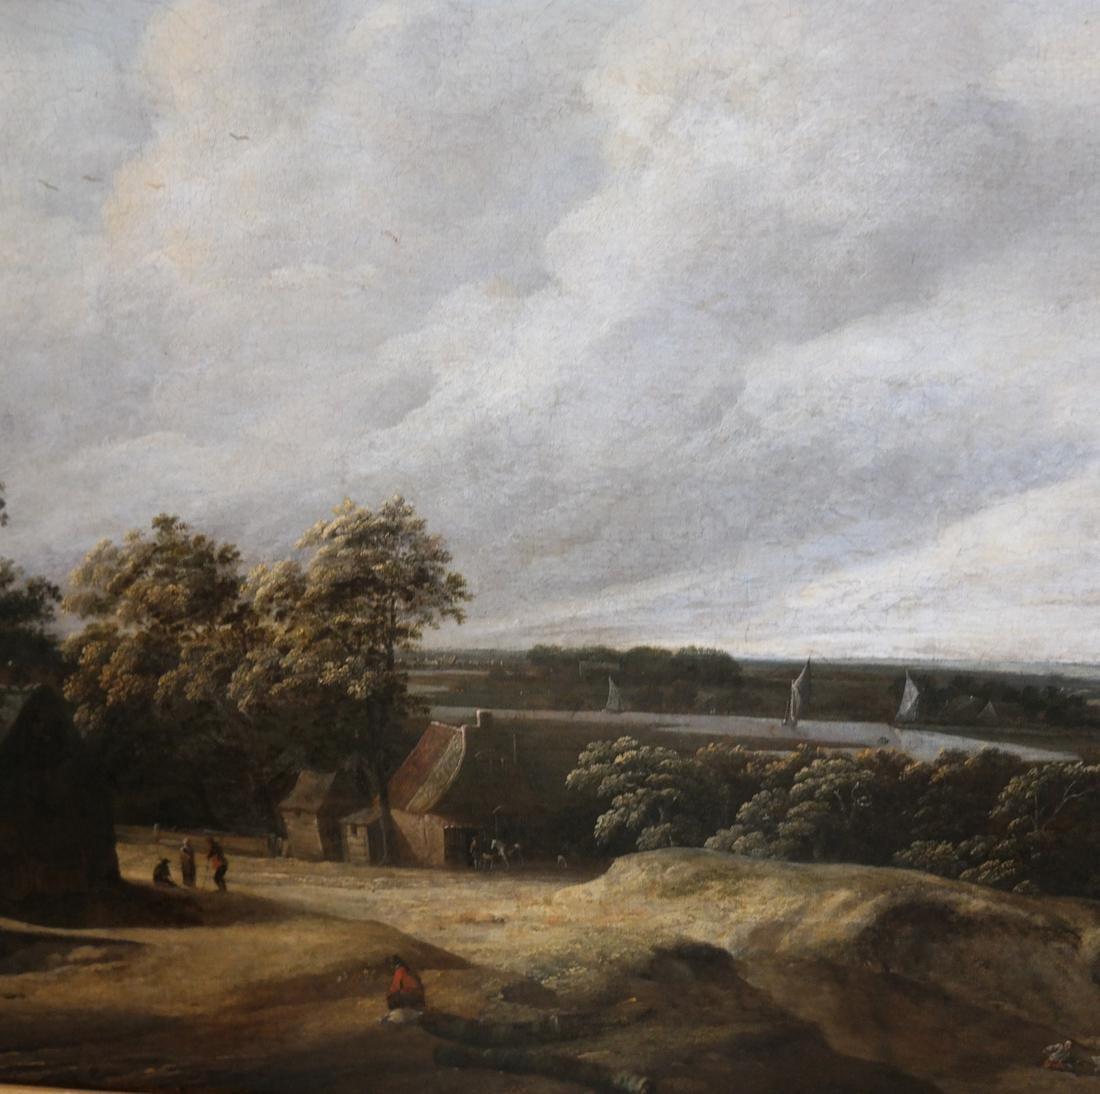 Philip De Koninck - Panoramic Landscape - Oil on Canvas - 4